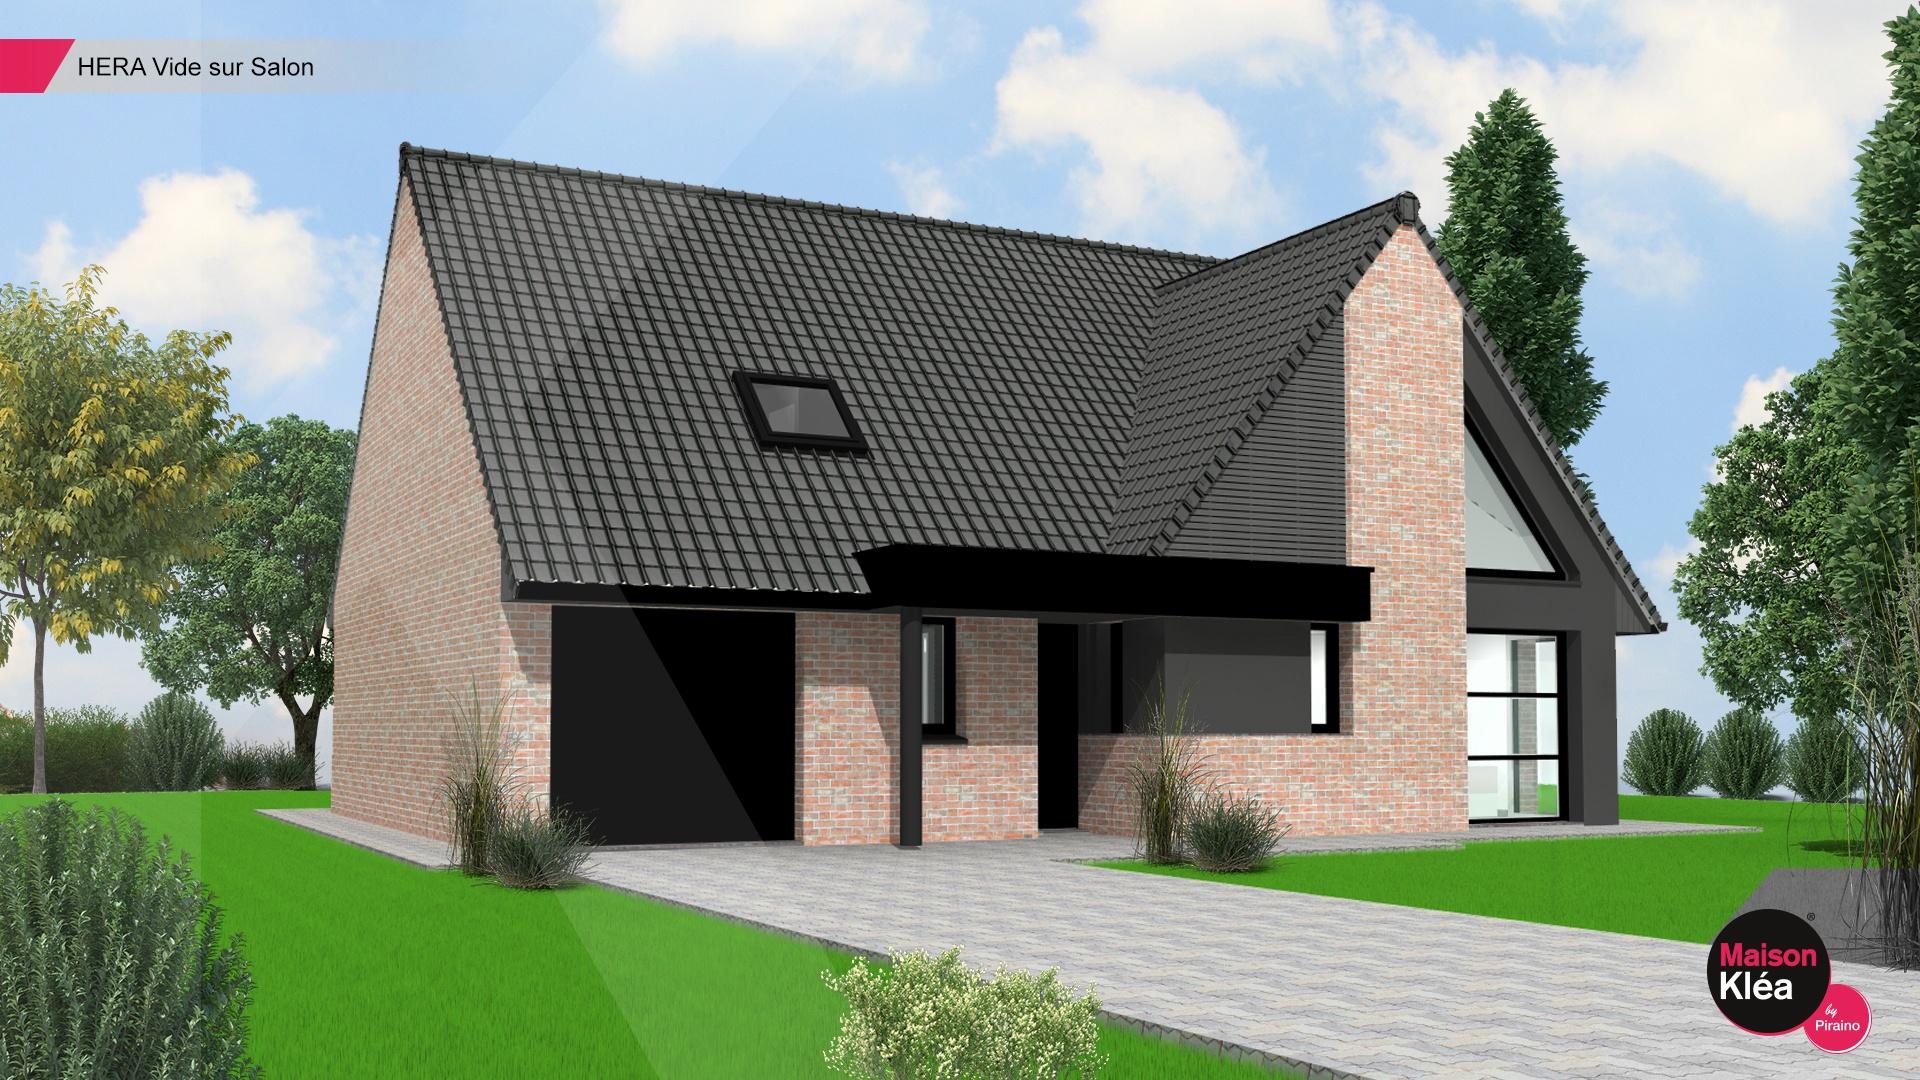 Terrain et maison à construire Duisans 135m²